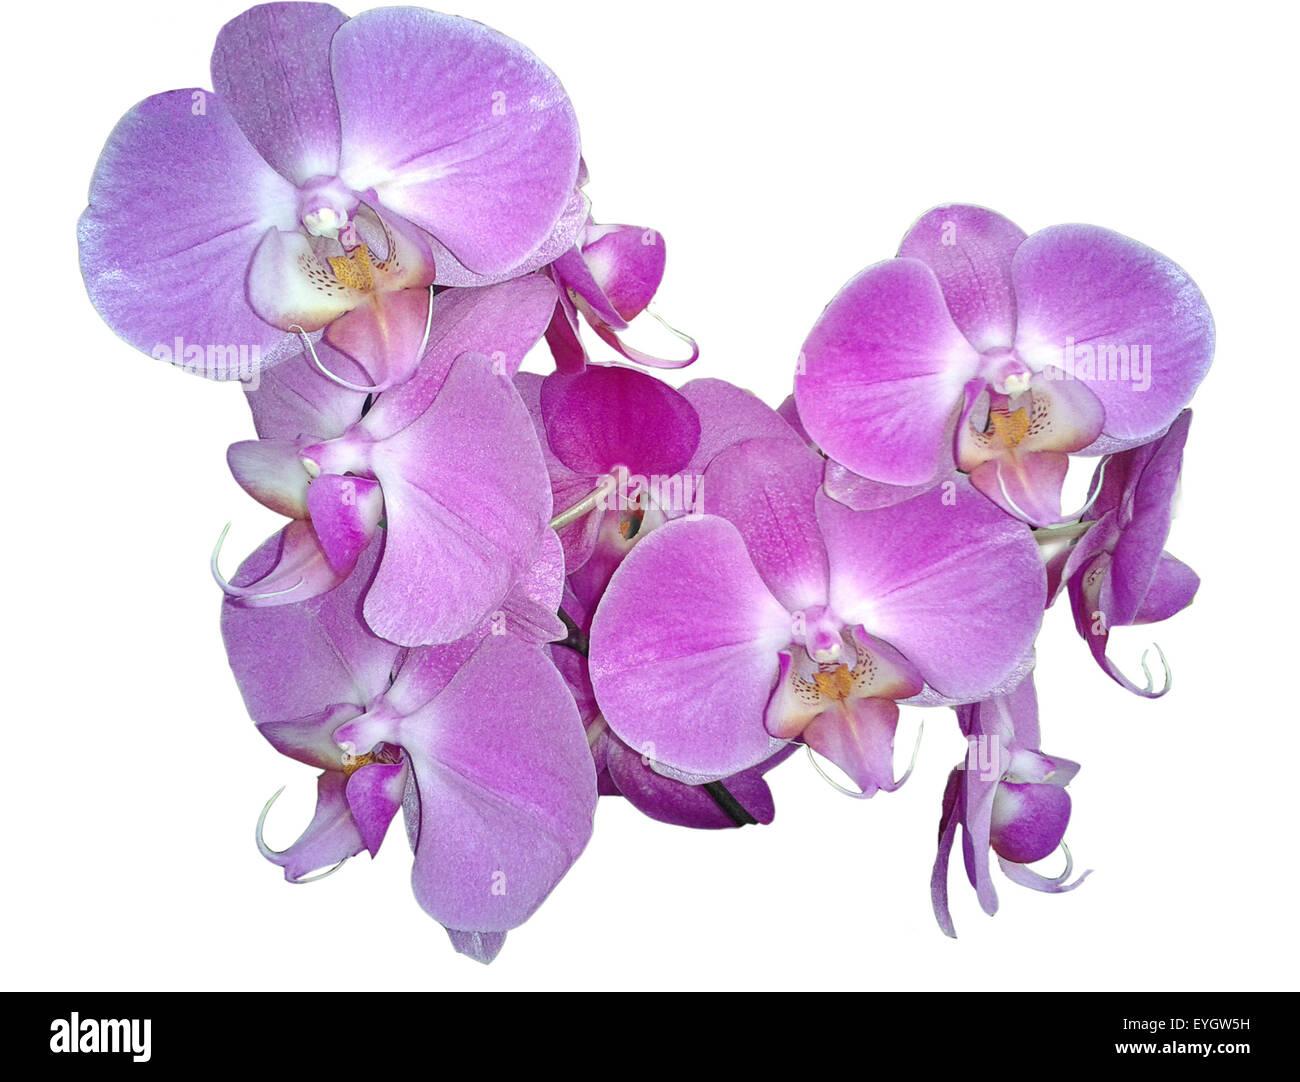 schmetterlingsorchidee; Malaienblume, Nachtfalter-Orchidee, Phalaenopsis; - Stock Image